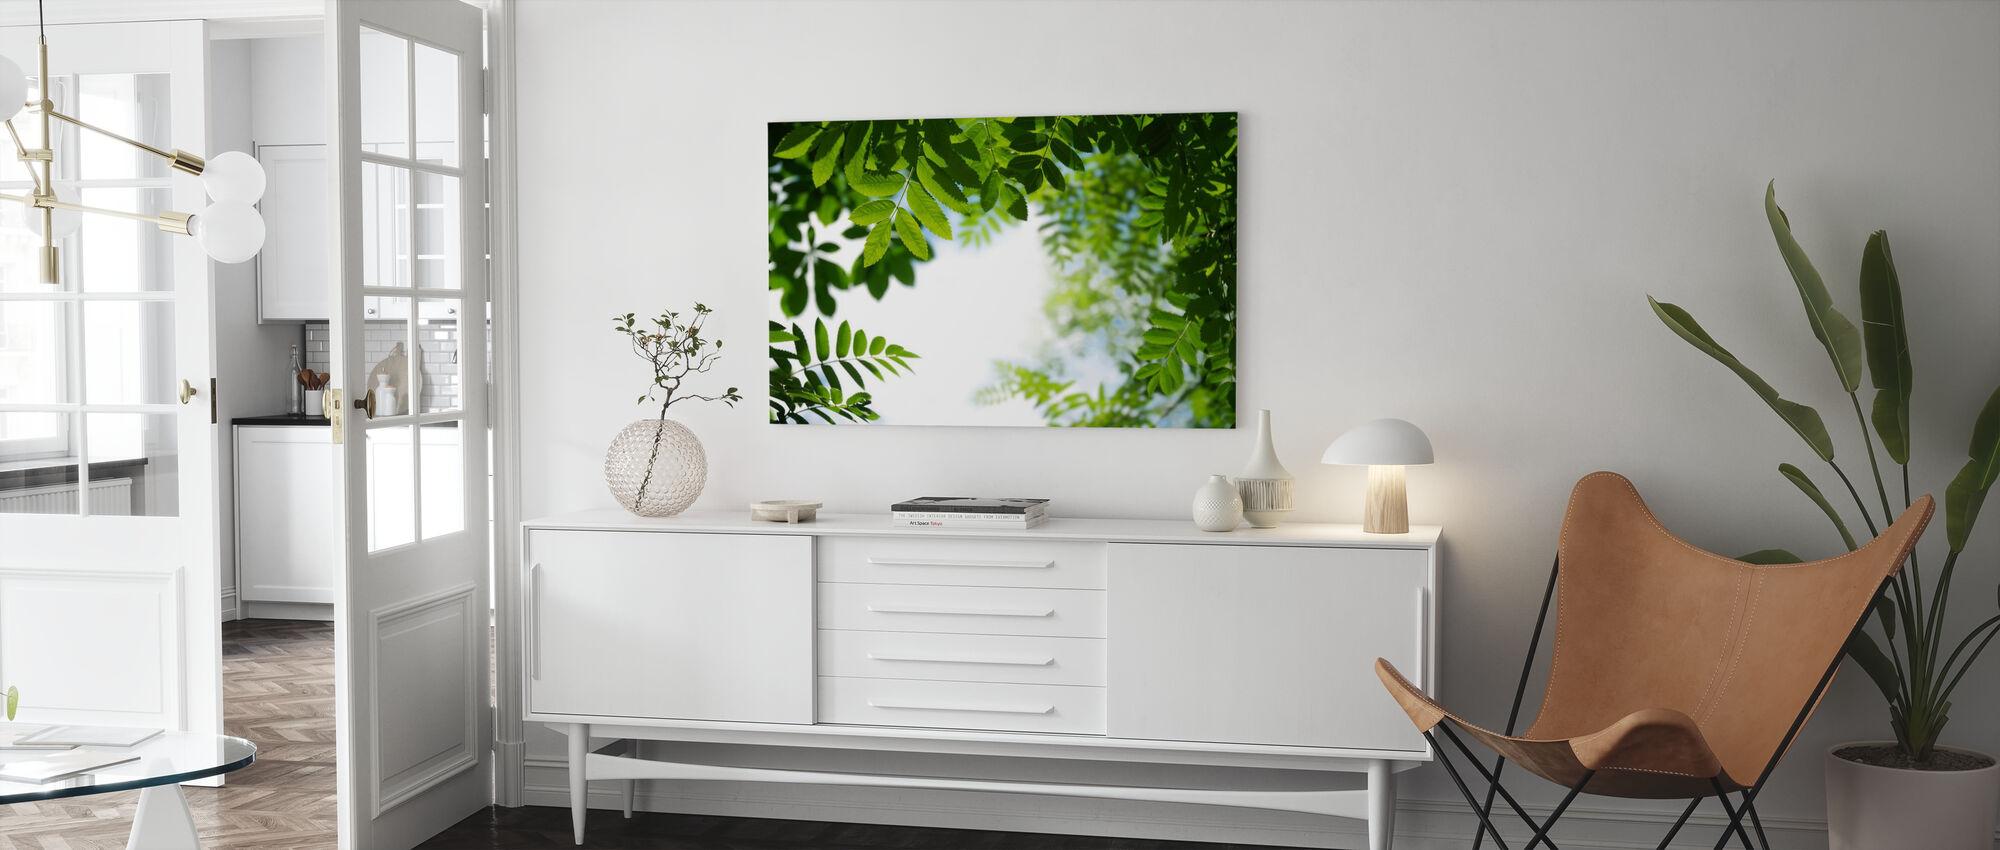 Bladeren - Canvas print - Woonkamer